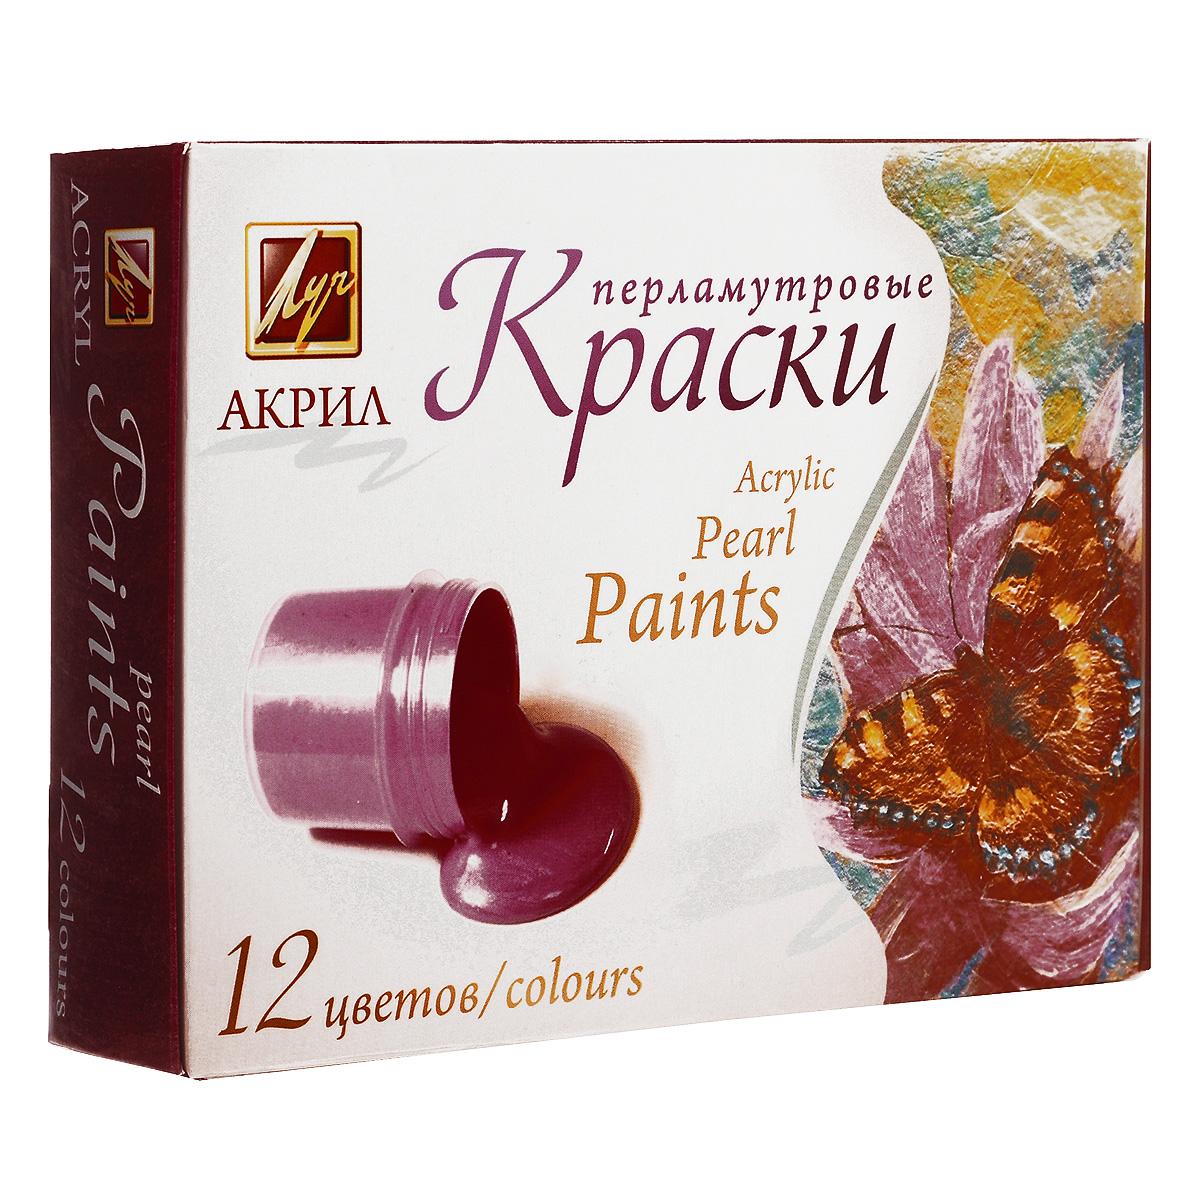 Краски акриловые Луч, перламутровые, 15 мл, 12 цветов22С 1412-08Акриловые краски Луч - универсальный материал для творчества. Акриловые краски, как и акварельные, легко разбавляются водой, но после высыхания их уже нельзя размочить, и в этом акрилы сходны с темперой. В комплекте - 12 баночек с перламутровой краской разных ярких цветов. Будучи прозрачными, акриловые краски хорошо сочетаются с акварелью и накладываются поверх акварельных мазков, усиливая их насыщенность, сообщая им глубину тона. Акриловые краски обладают значительно большей яркостью и высокой светостойкостью, но темнеют, подобно темпере, после высыхания. Новые лессировки также не нарушают нижние слои краски. В этом состоит бесспорное преимущество акриловых красителей. Акриловые краски применяются в дизайн-графике, рекламе, оформительском искусстве. Их можно наносить аэрографом, использовать резервирование специальными составами, сочетая с техникой работы по сырому, подобно акварельной. Акриловые краски обладают следующими свойствами: - быстросохнущие; ...